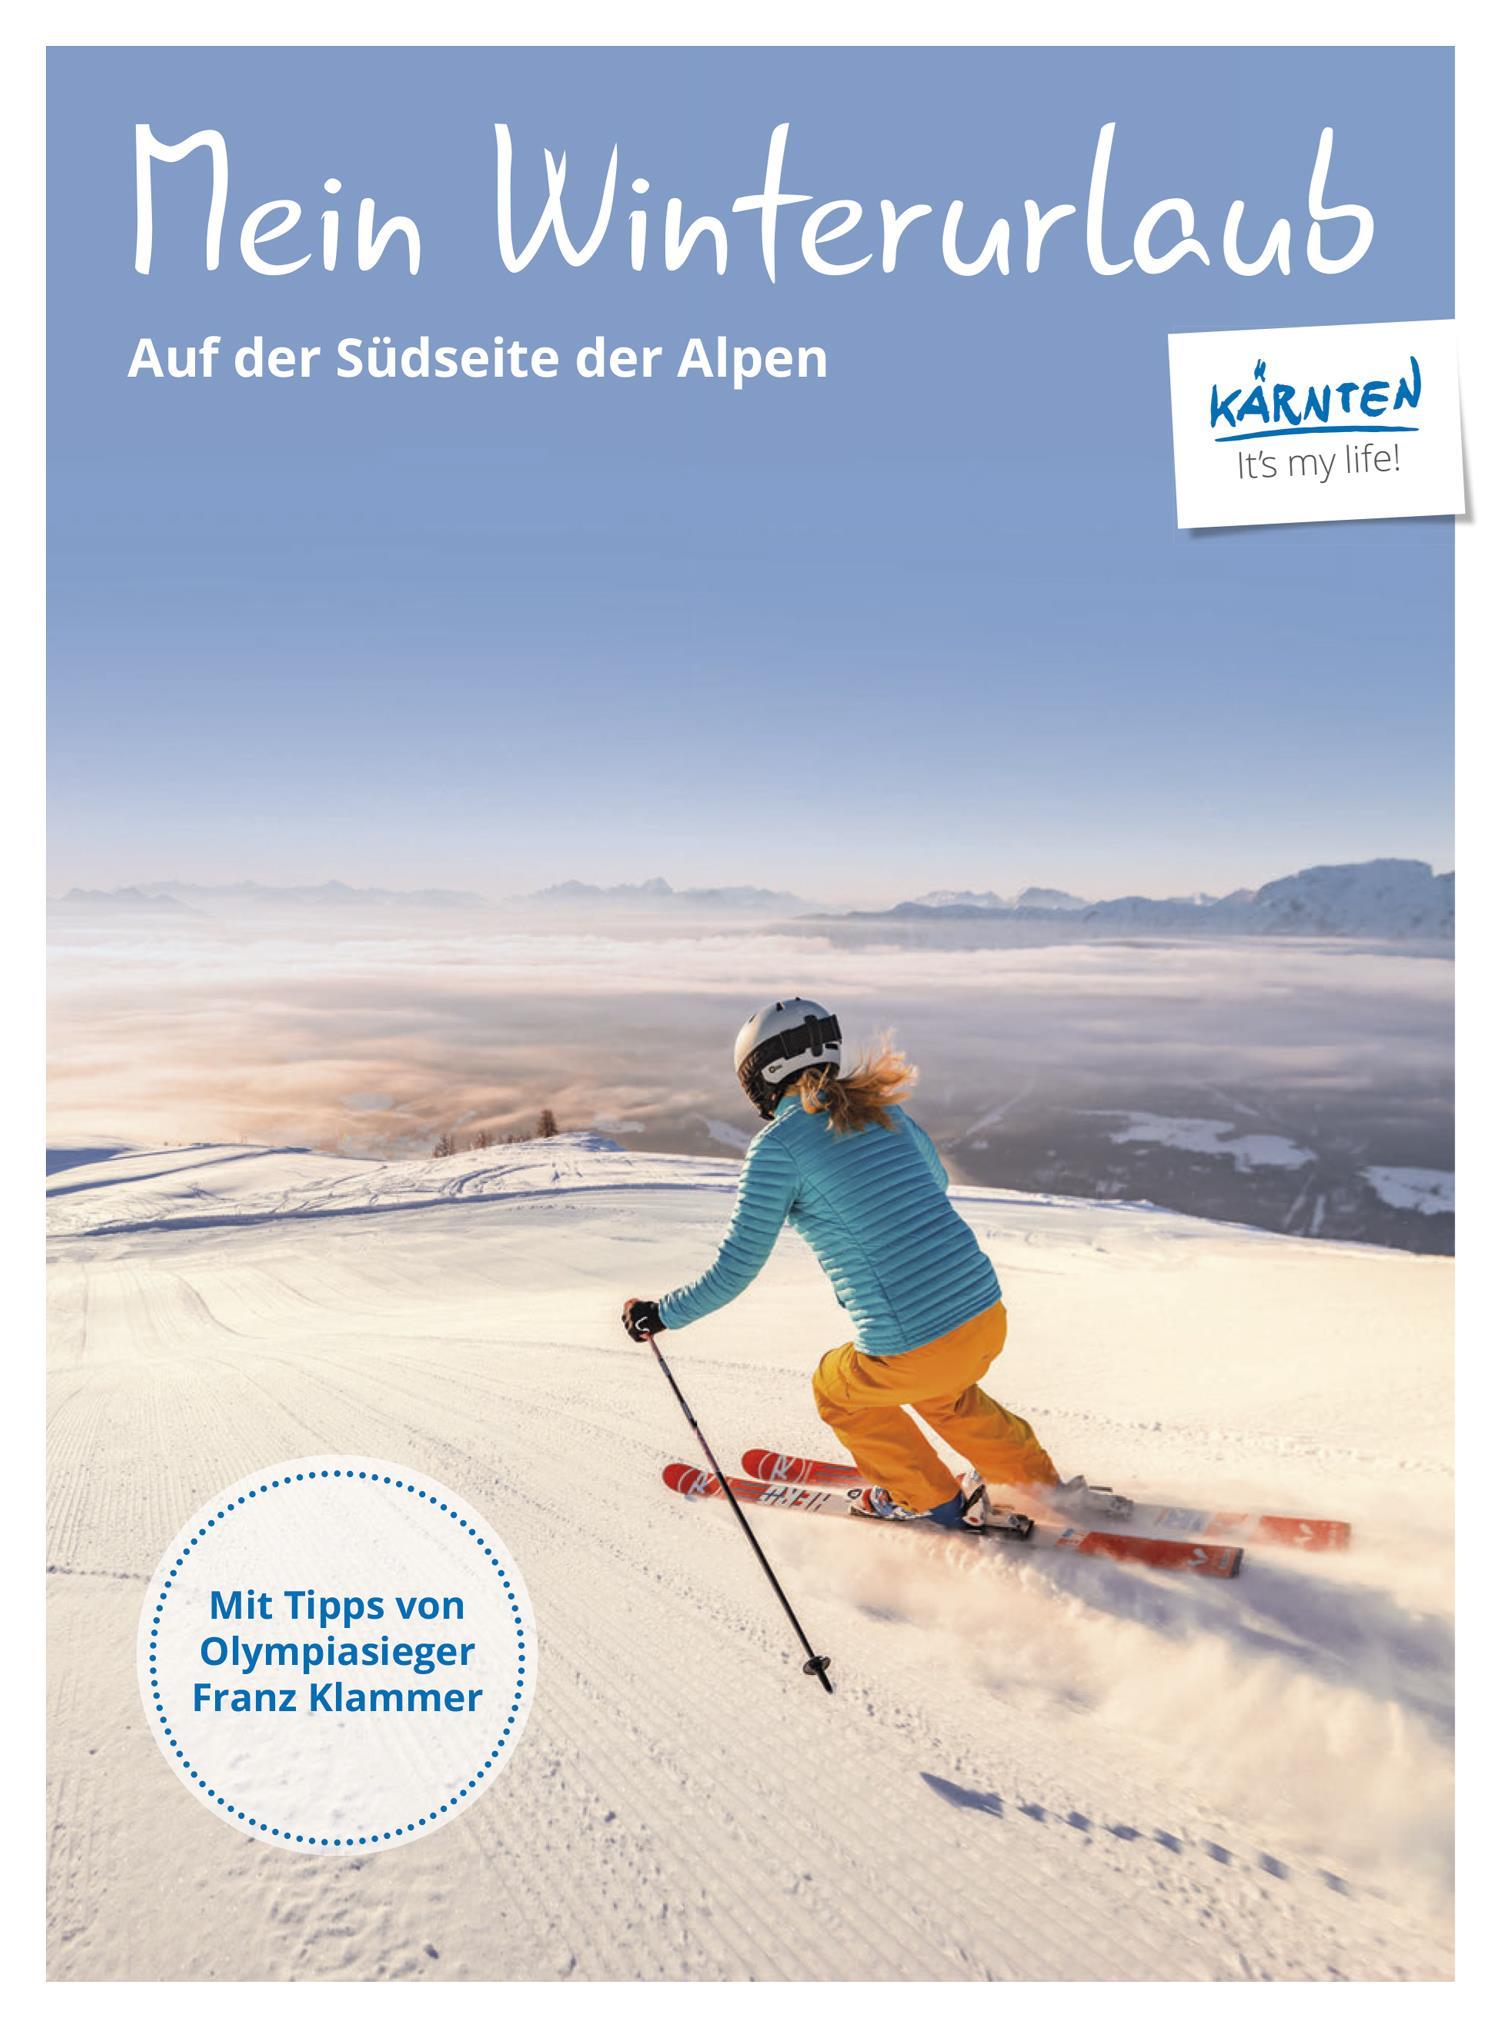 Skikarte(© Kärnten Werbung)